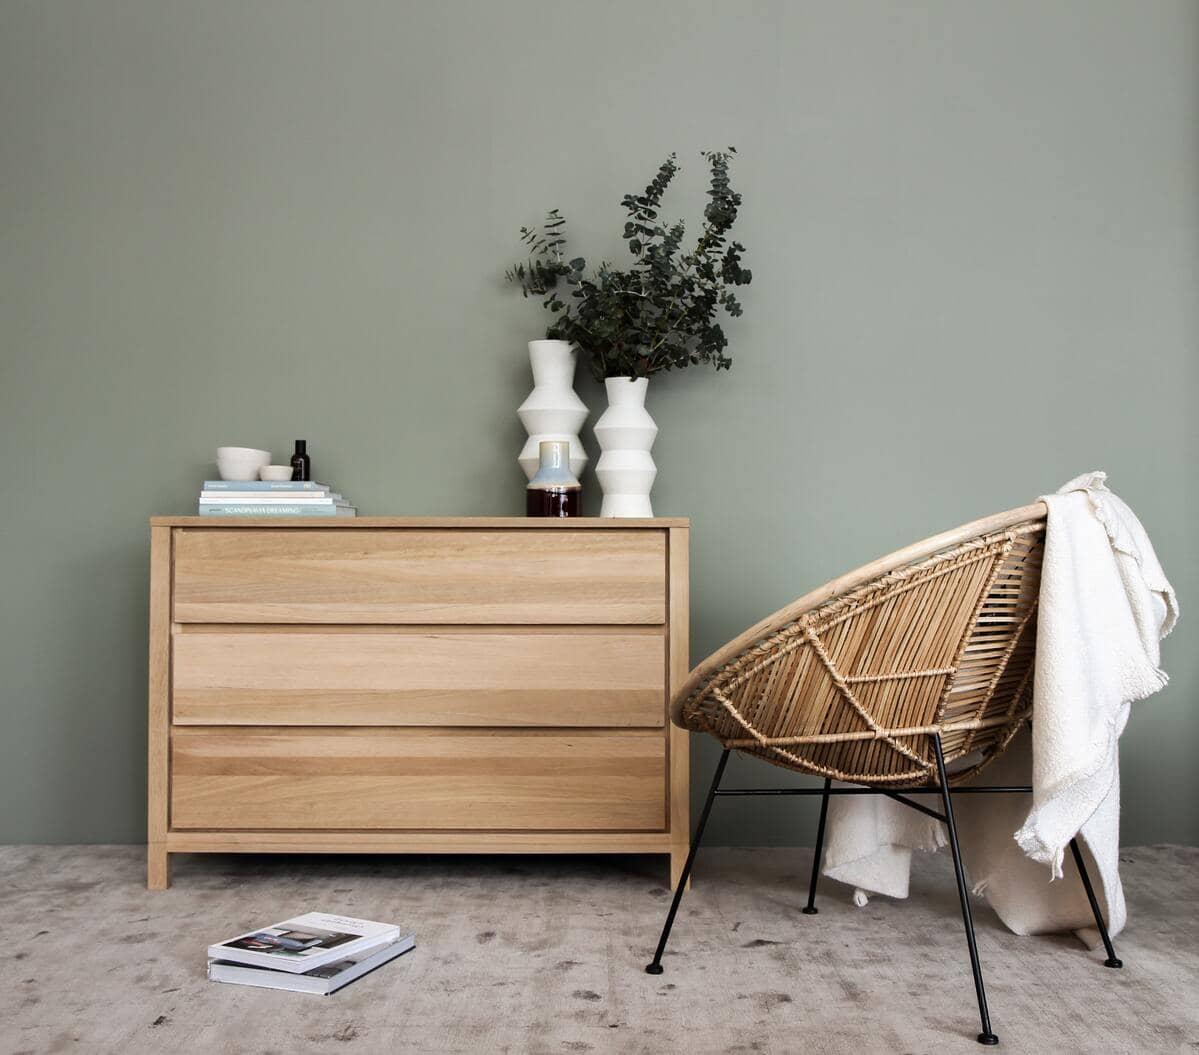 Una cassettiera in legno con dei soprammobili e una sedia in vimini con alcuni vestiti bianchi